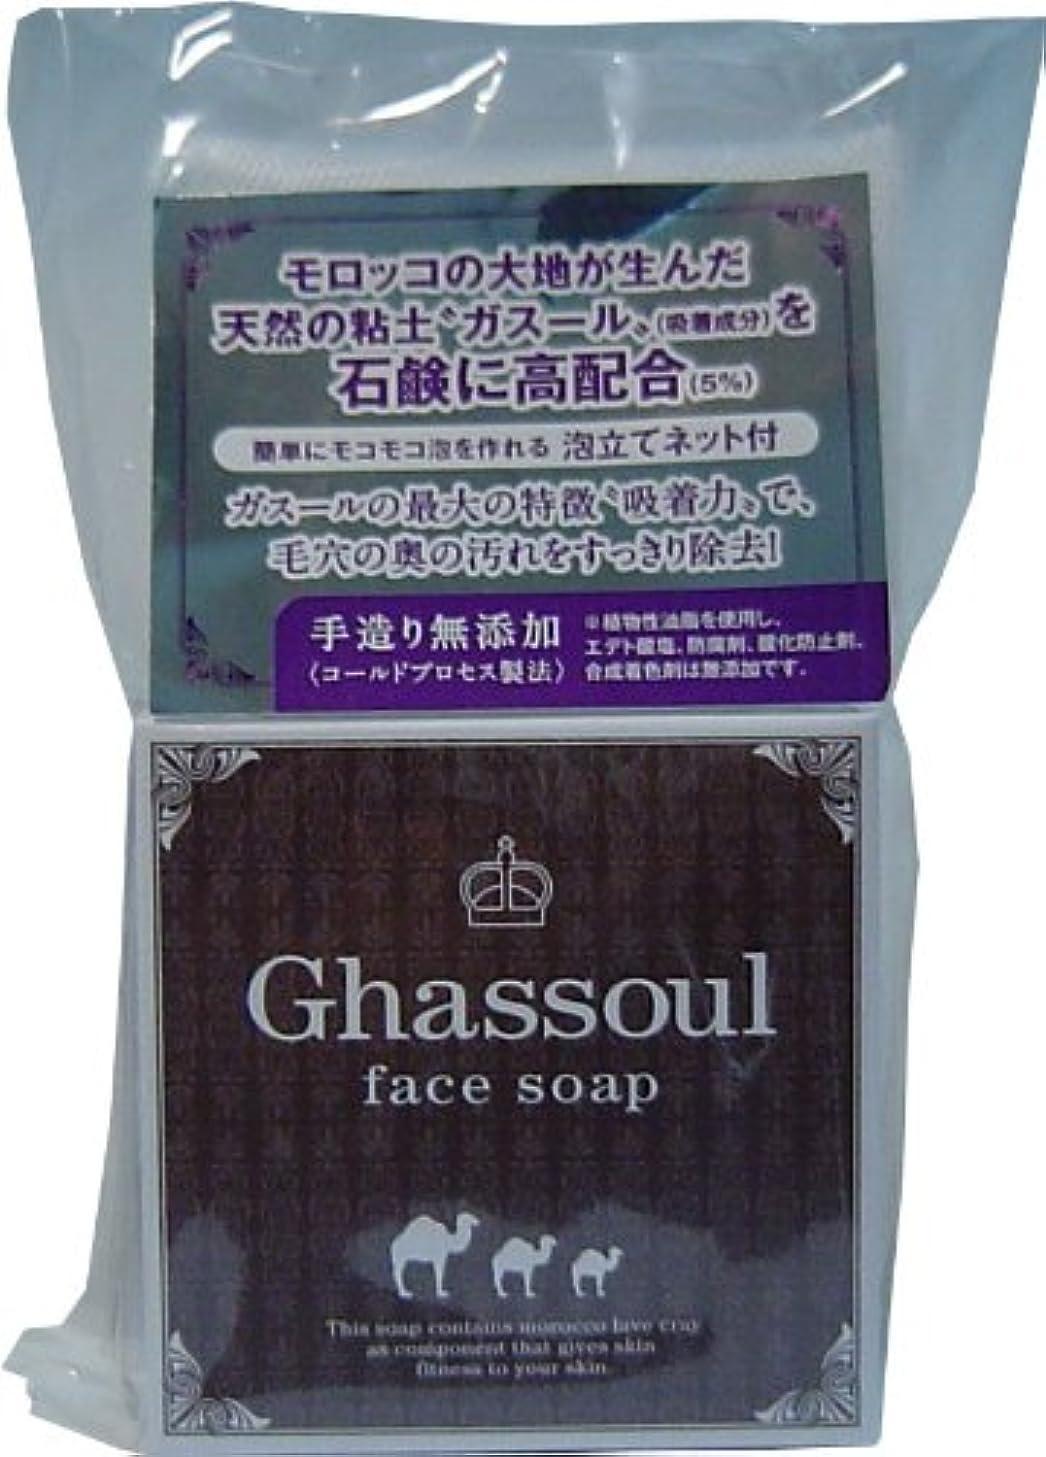 拒絶エレガント不健全Ghassoul face soap ガスールフェイスソープ 100g ×6個セット